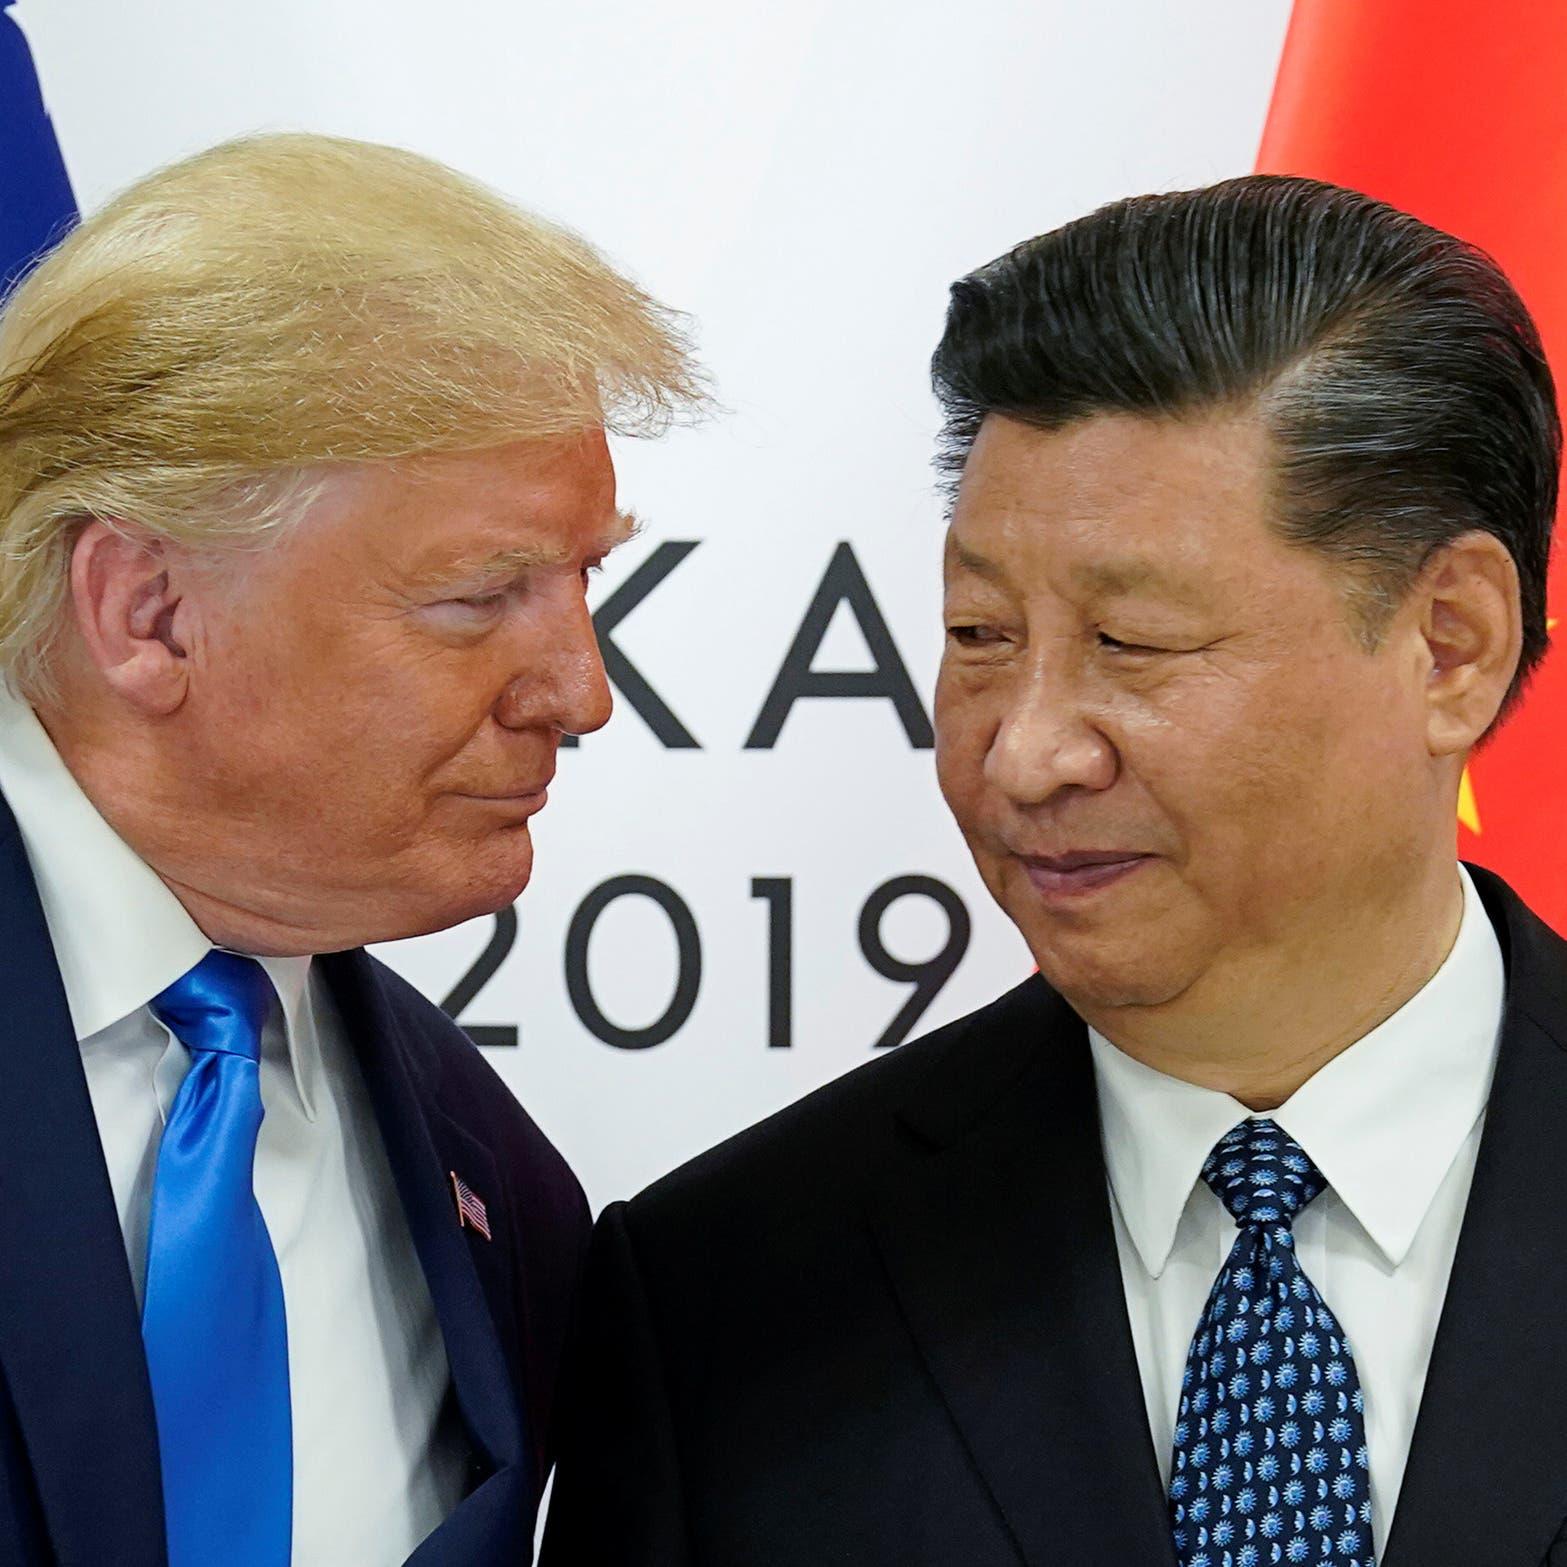 حرب مريرة.. جولة جديدة من الرسوم بين الصين وأميركا